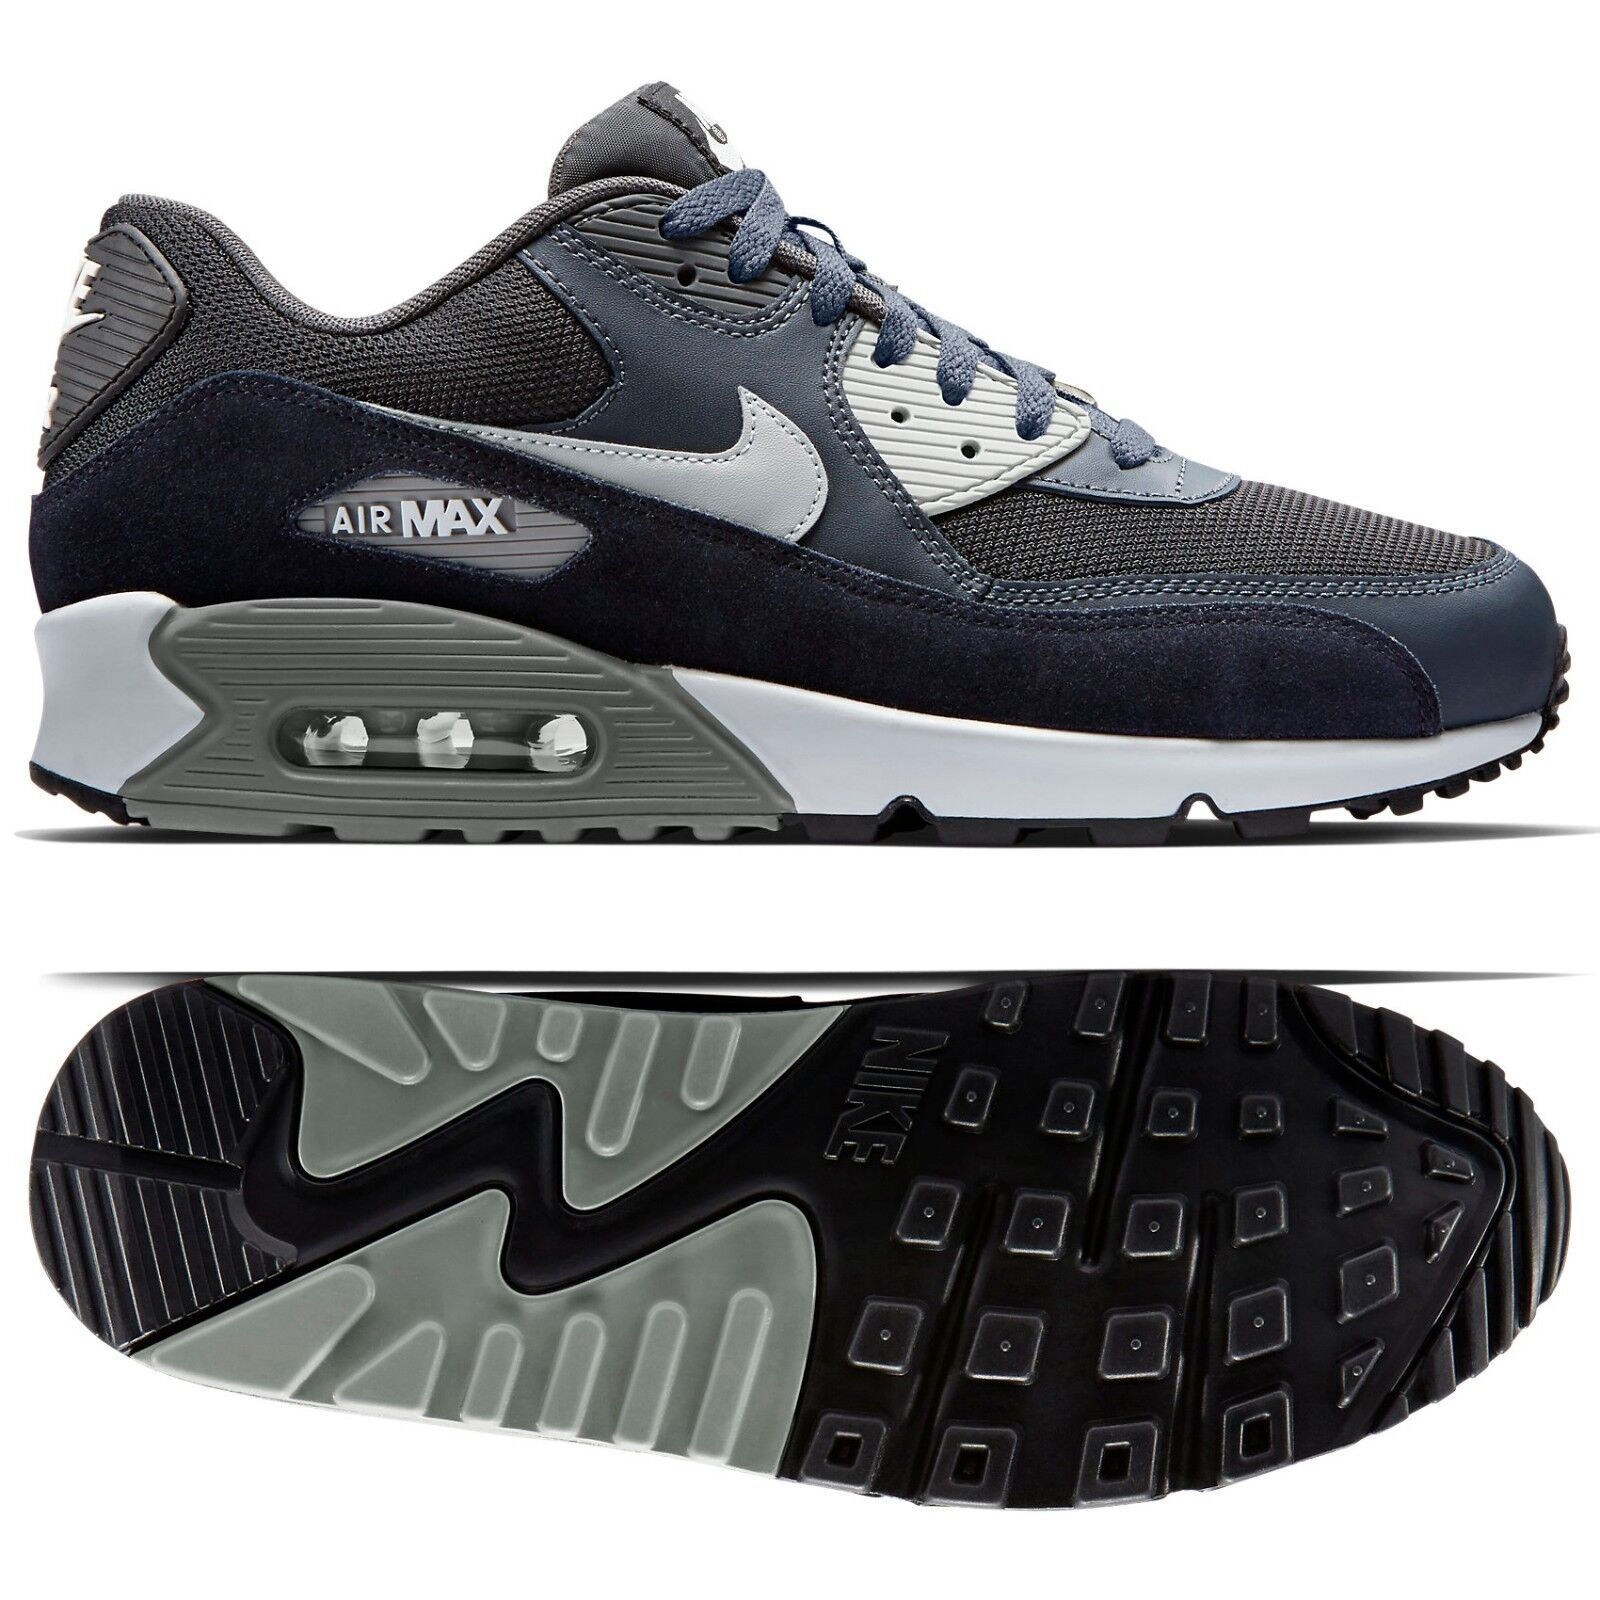 Nike air max 90 essenziale 537384-035 antracite scarpe / granito / uomini scarpe antracite in pelle nera b44deb